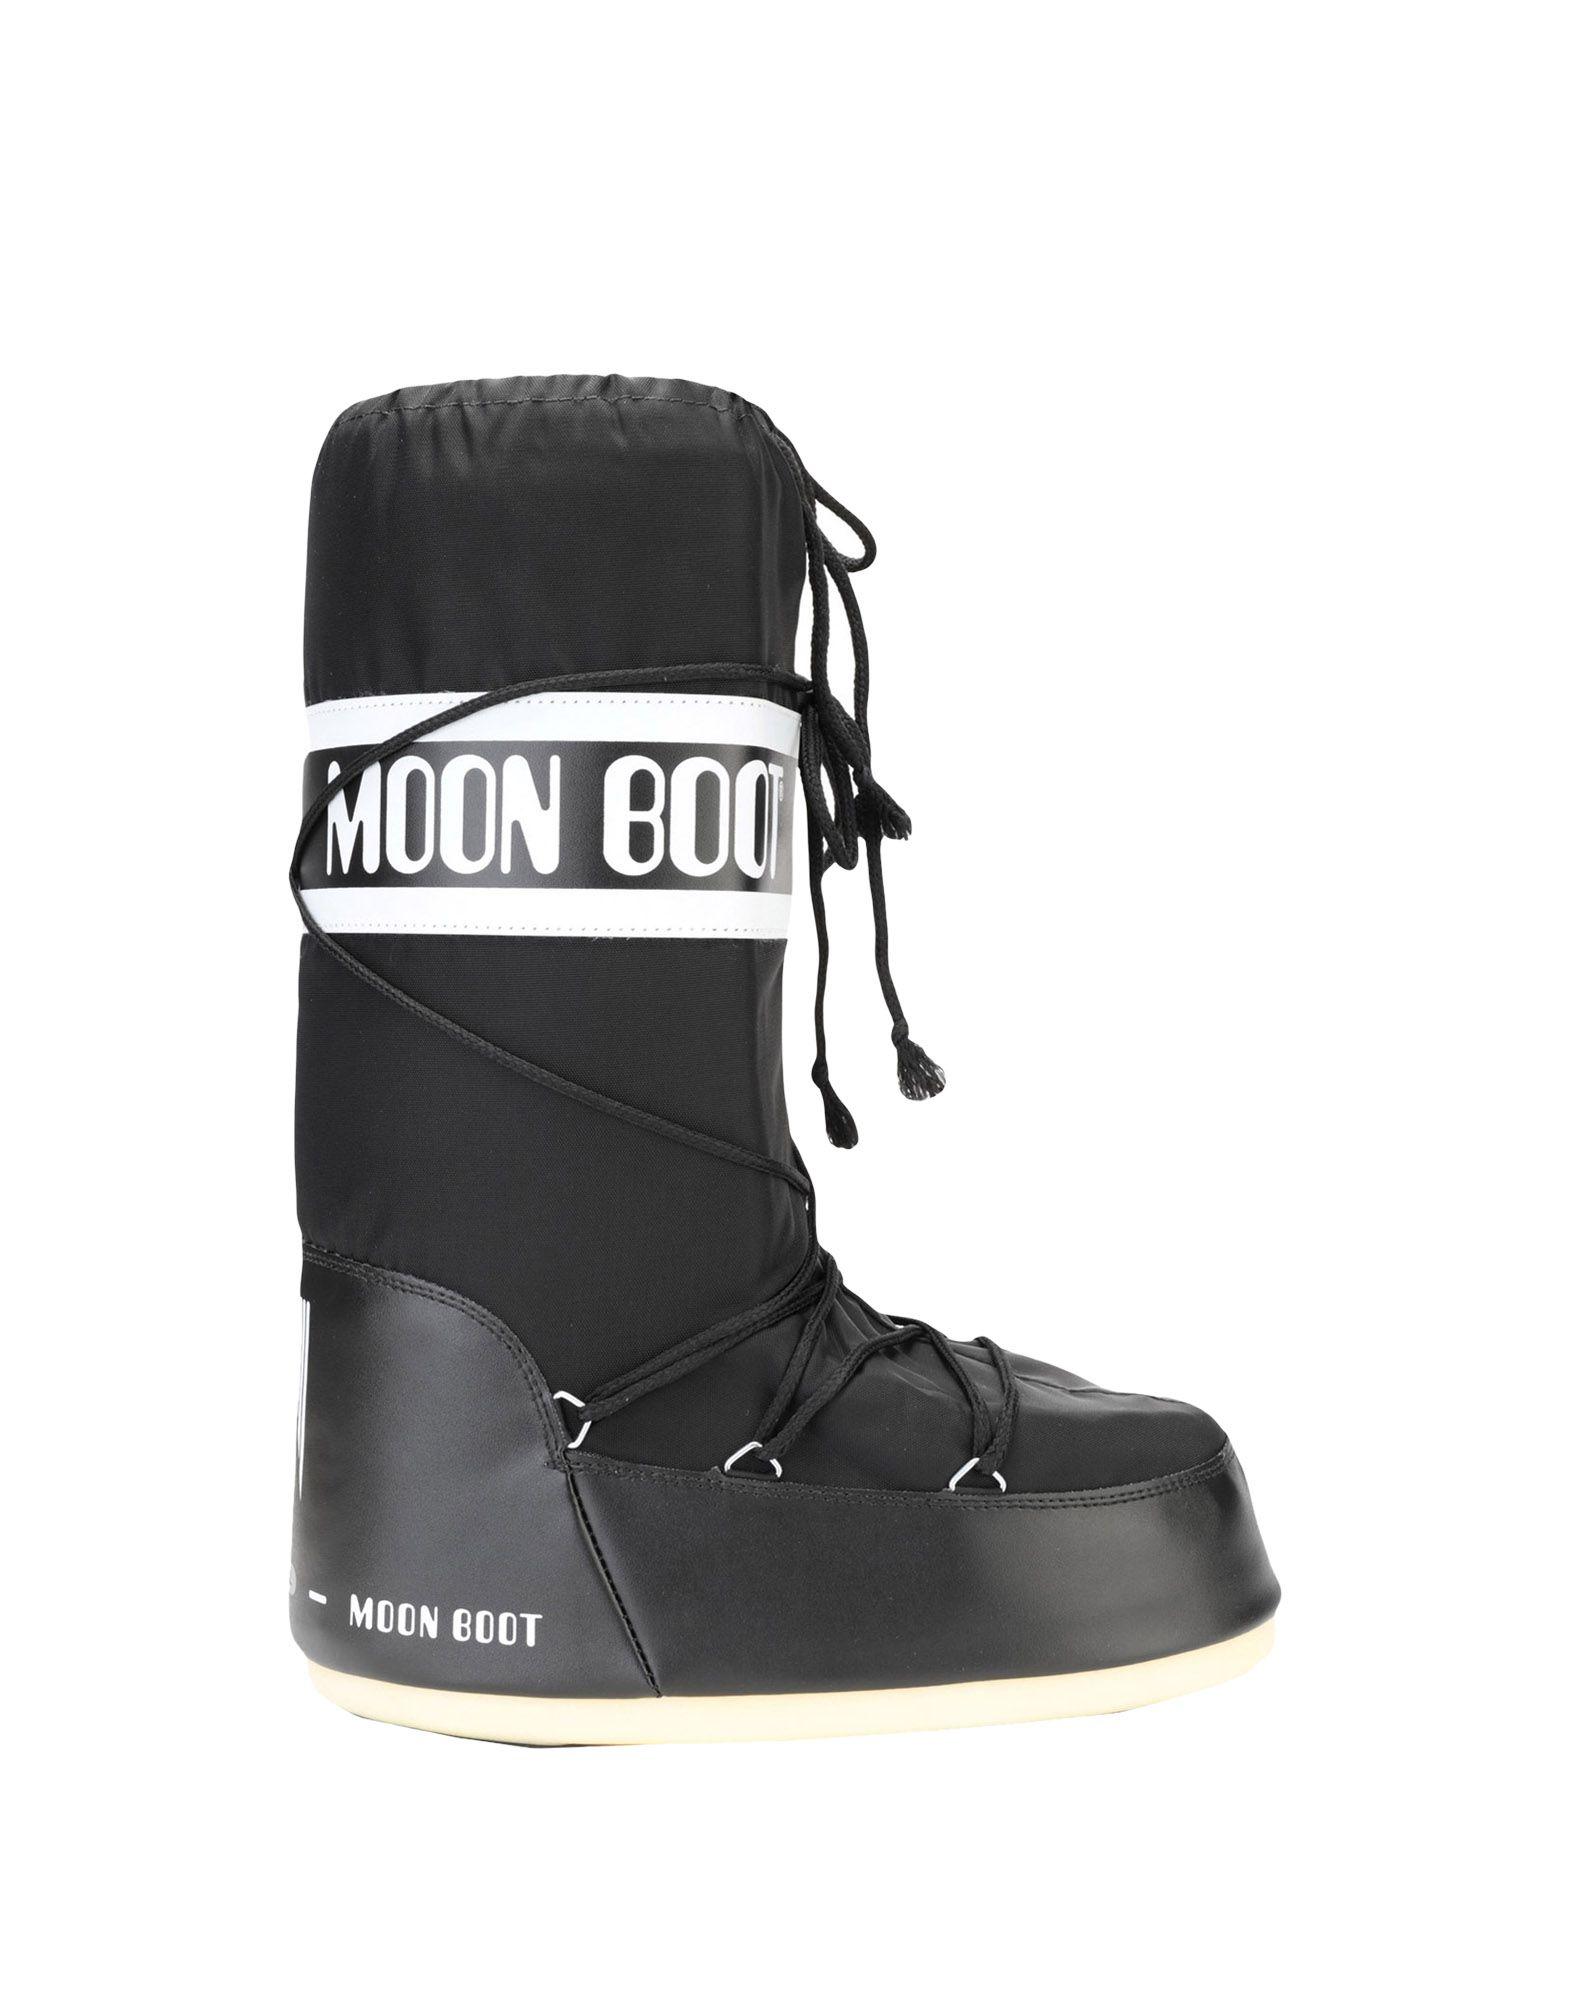 Bottine Moon Boot Nylon - Homme - Bottines Moon Boot sur